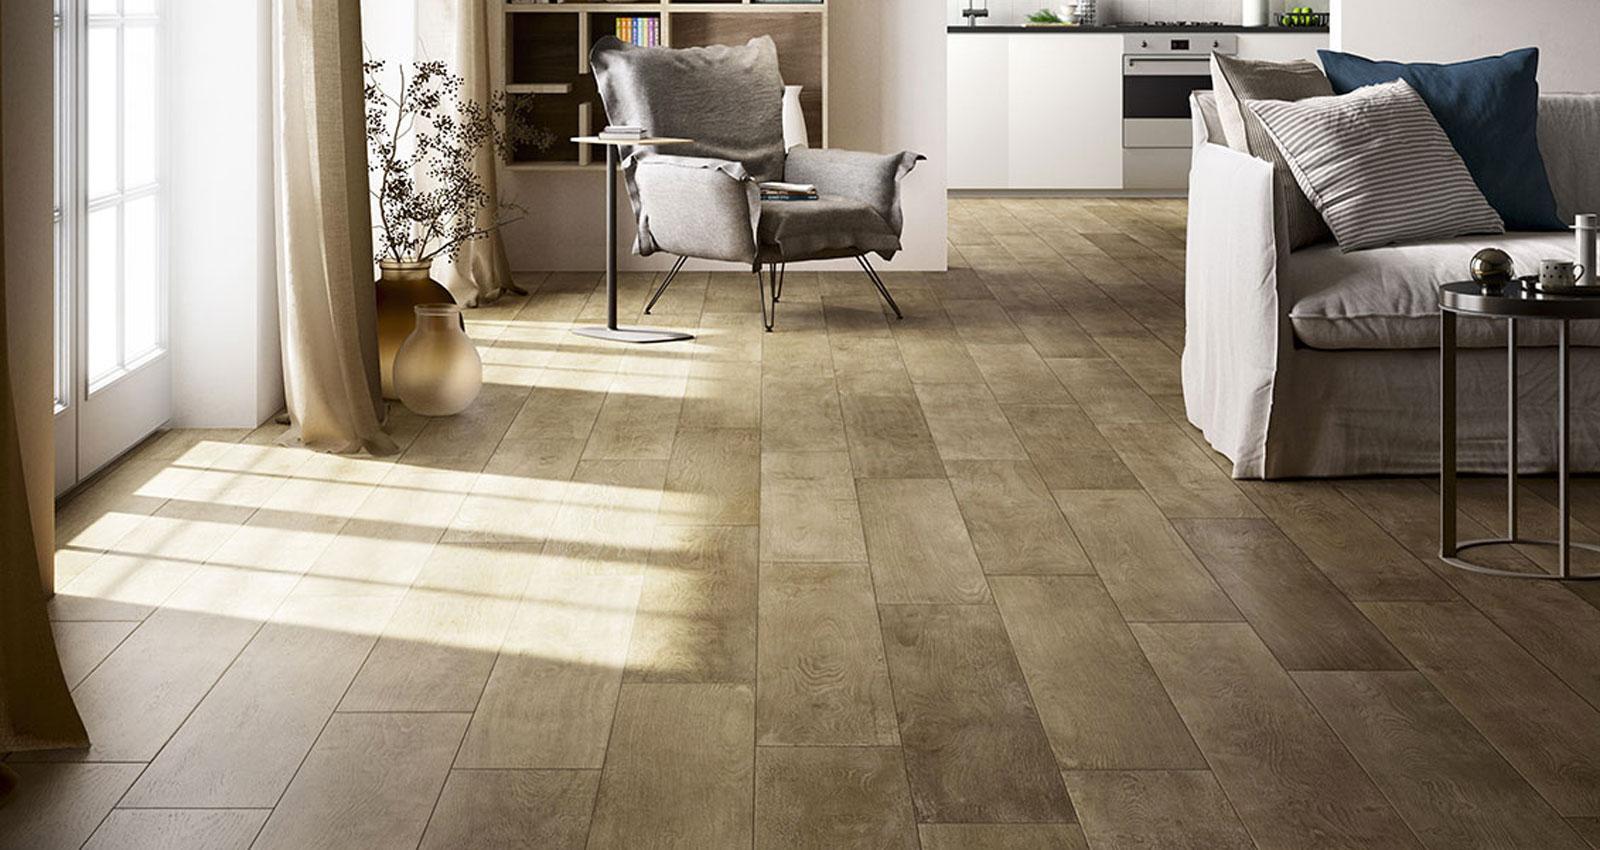 Treverktime wood effect stoneware floors marazzi - Piastrelle marazzi prezzi ...